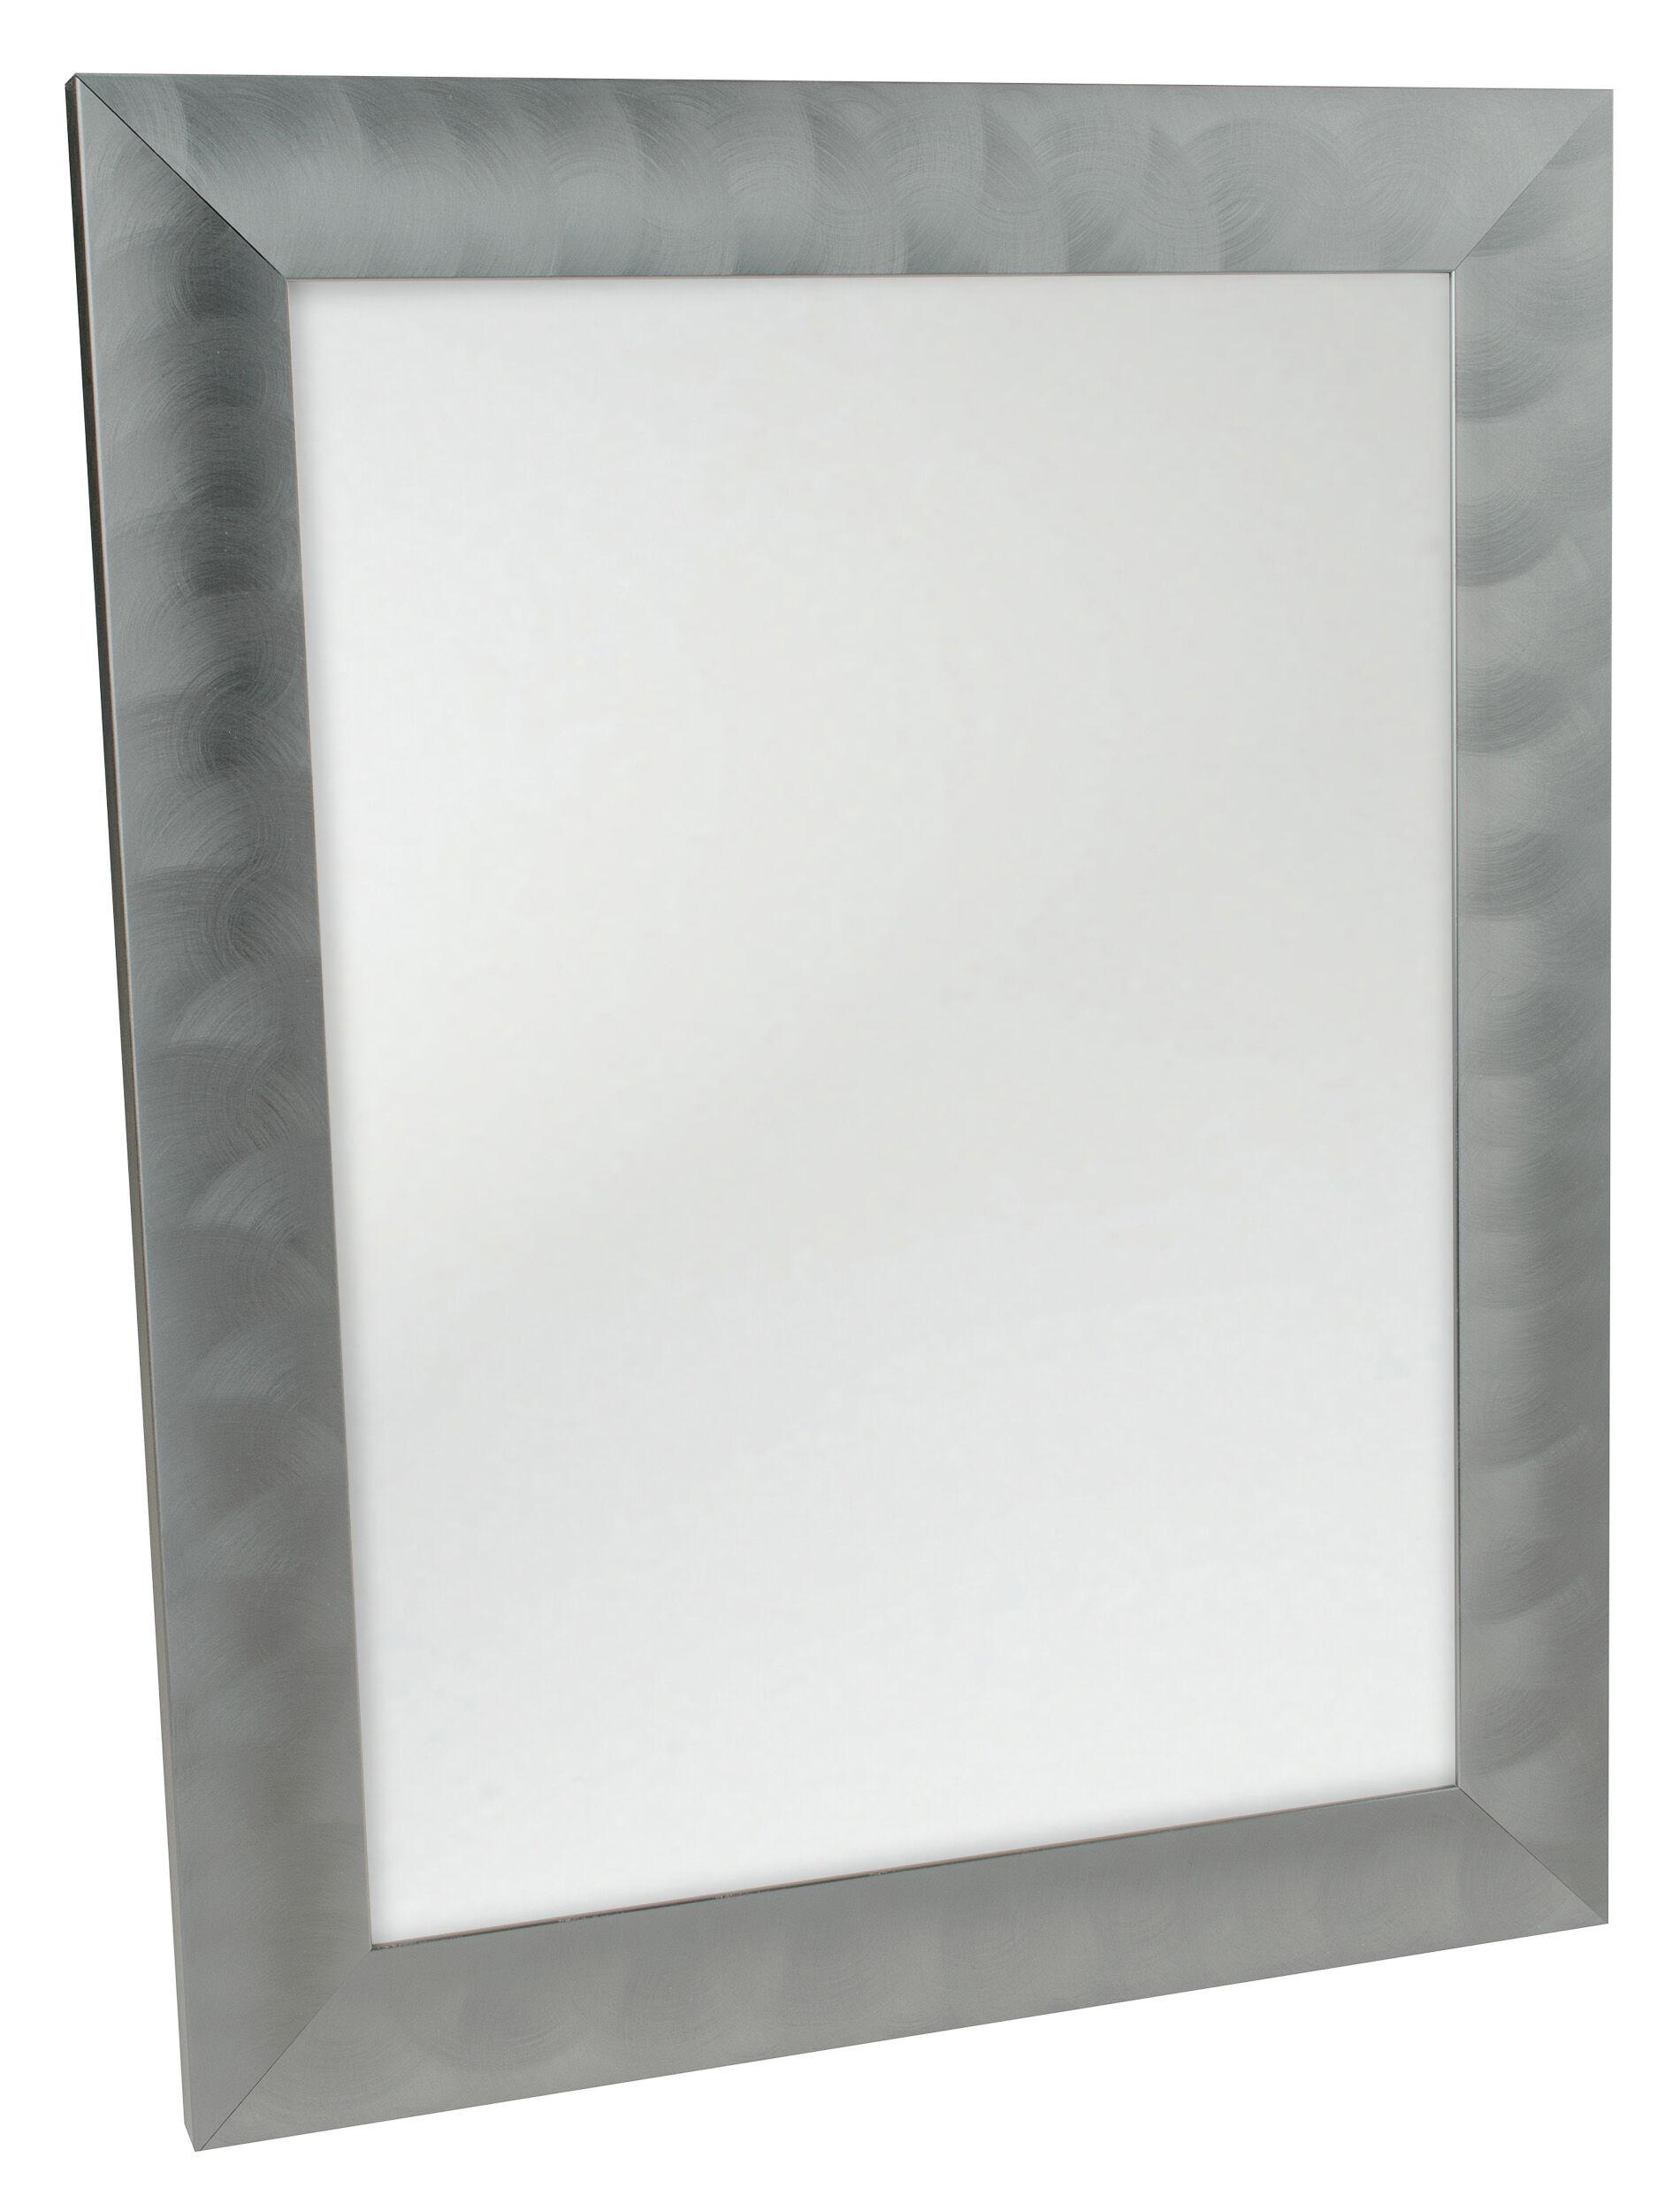 Spegelverkstad Peili Bräcke Luonnollinen teräksenharmaa